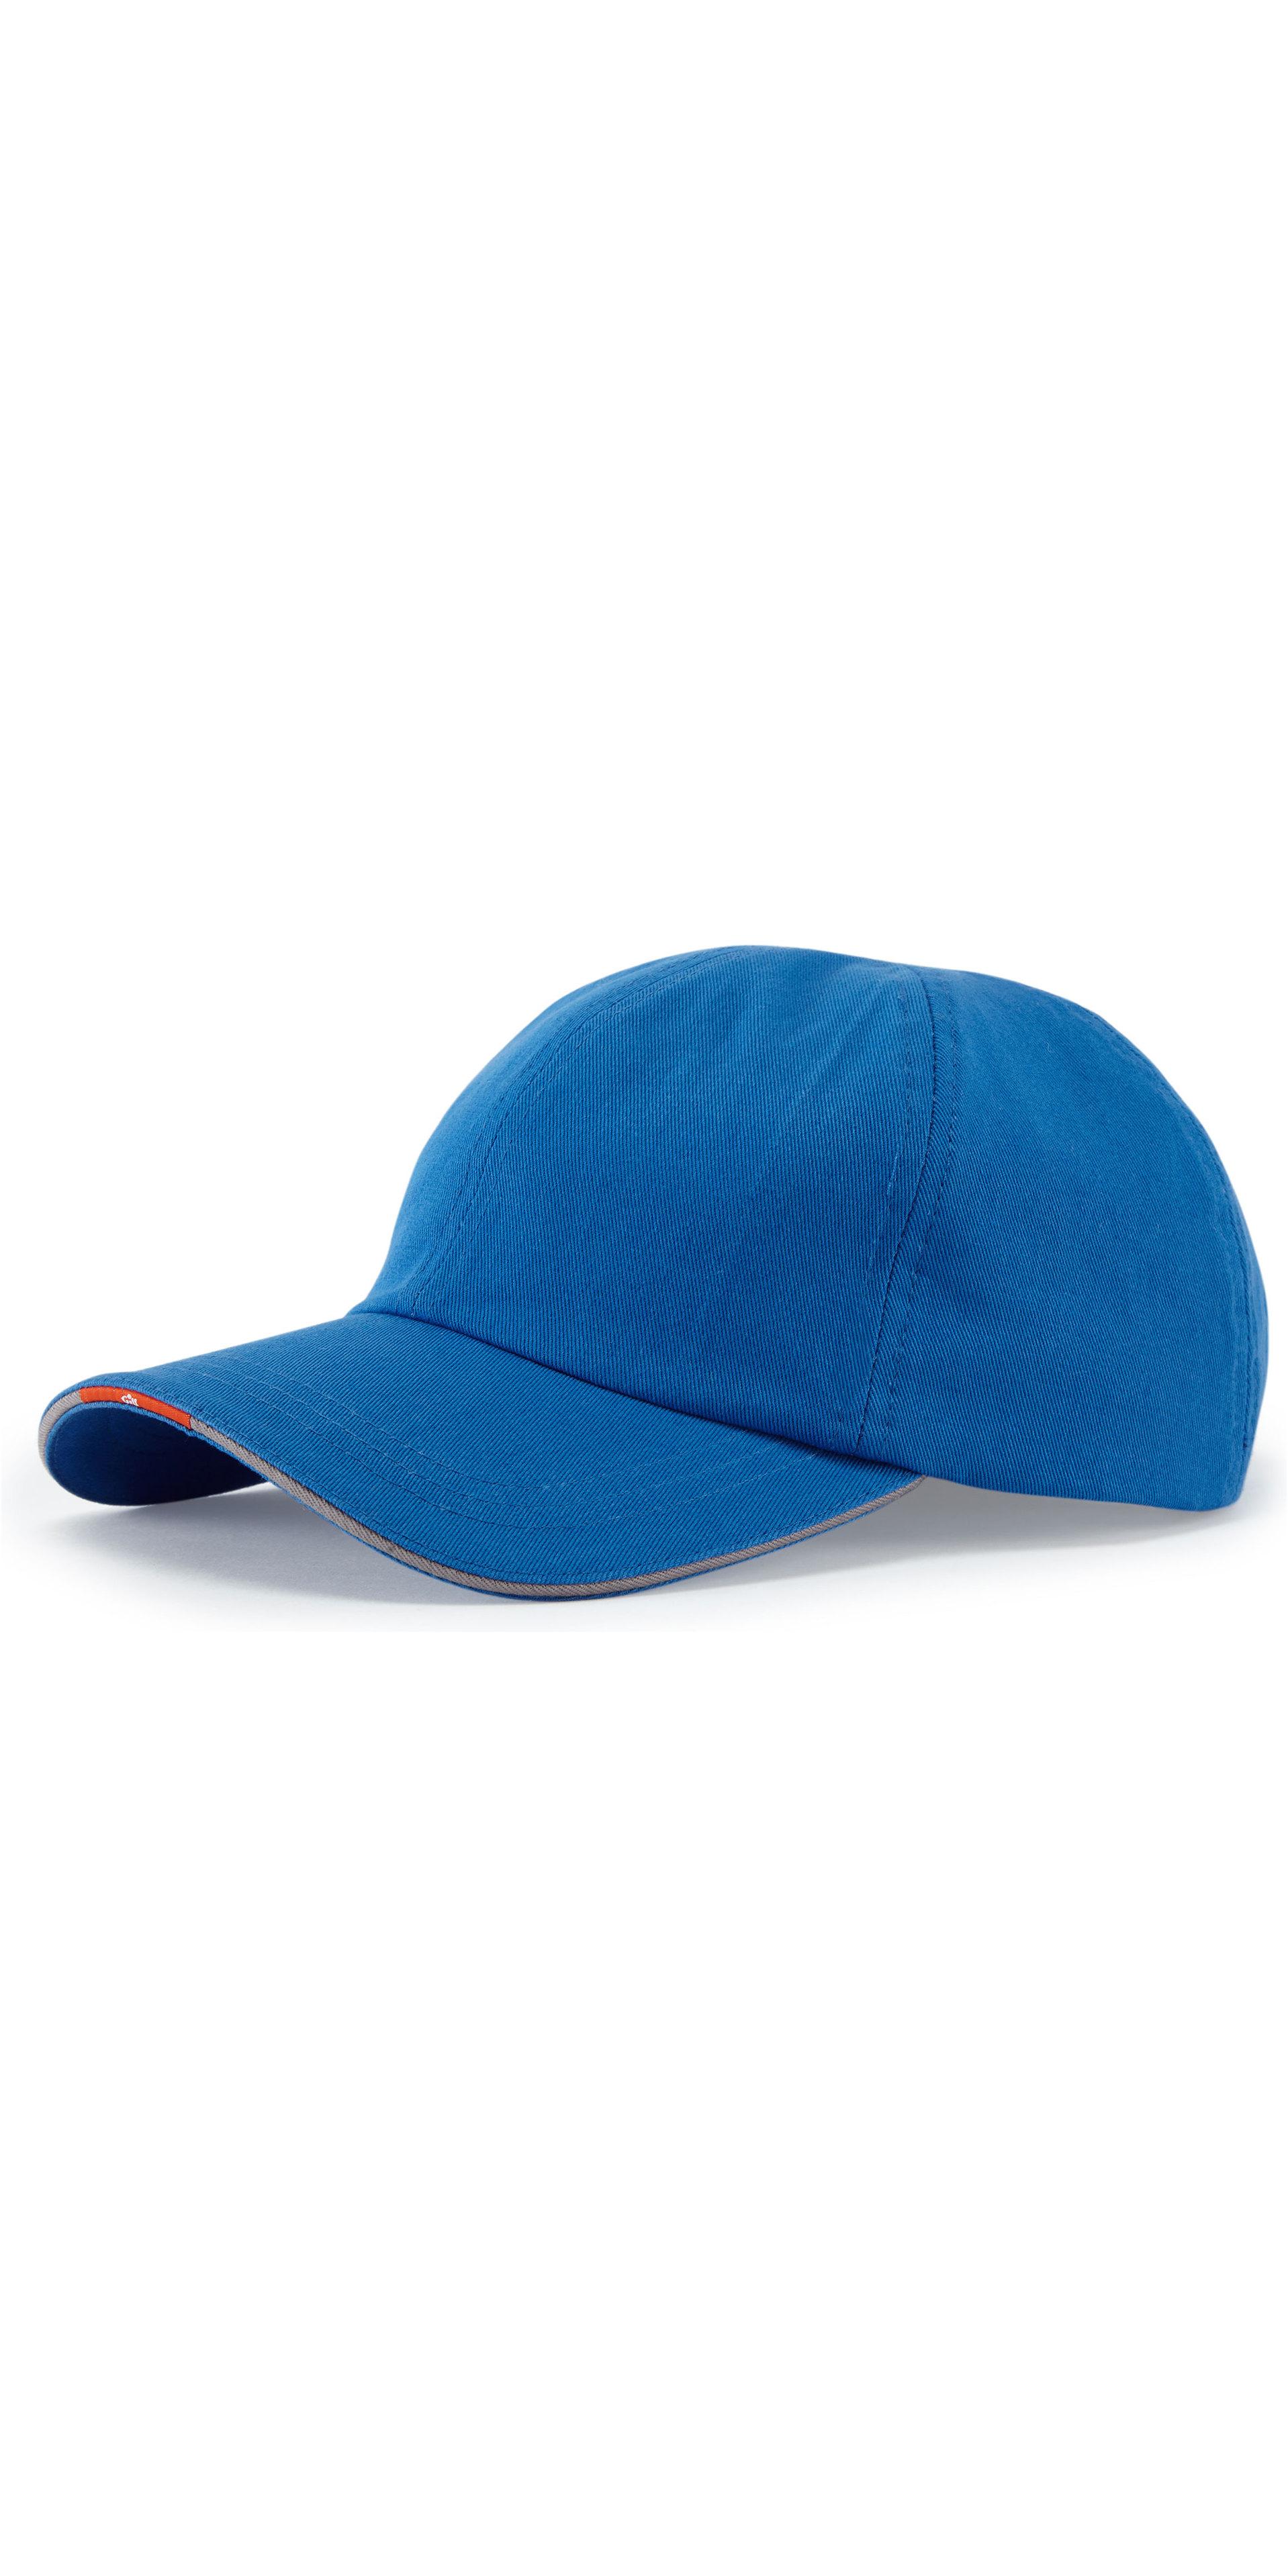 2020 Gill Sailing Cap Blue 139